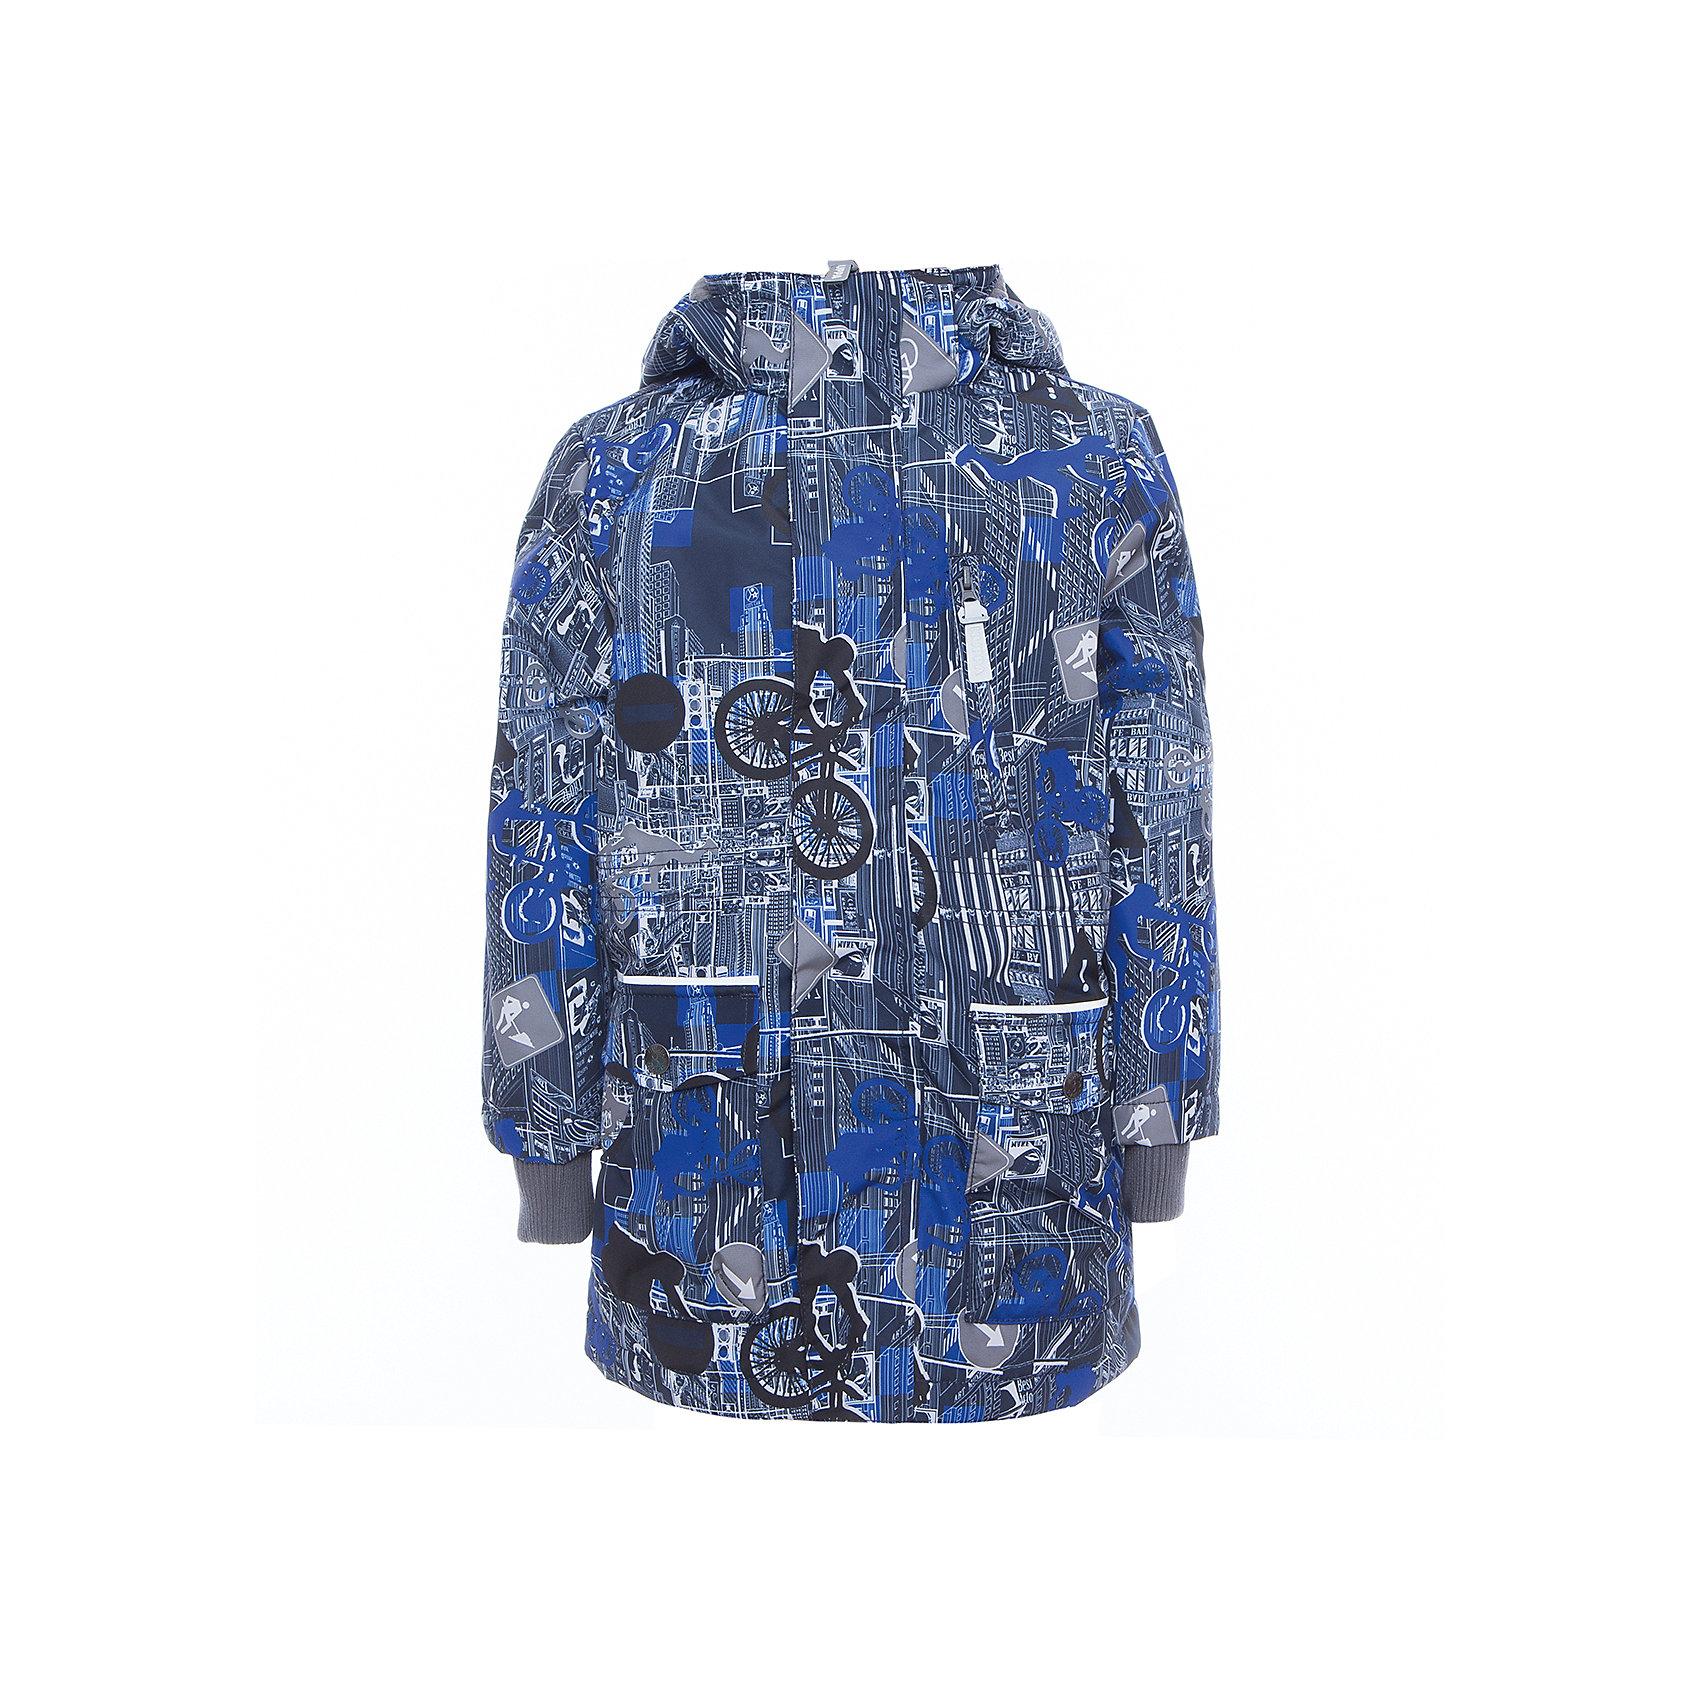 Куртка для мальчика ROLF HuppaВерхняя одежда<br>Характеристики товара:<br><br>• цвет: синий принт<br>• ткань: 100% полиэстер<br>• подкладка: тафта - 100% полиэстер<br>• утеплитель: 100% полиэстер 100 г<br>• температурный режим: от -5°С до +10°С<br>• водонепроницаемость: 10000 мм<br>• воздухопроницаемость: 10000 мм<br>• светоотражающие детали<br>• эластичные манжеты<br>• молния<br>• плечевые швы проклеены<br>• карманы на молнии<br>• эластичный шнур + фиксатор<br>• съёмный капюшон с резинкой<br>• внутренние вязаные манжеты<br>• комфортная посадка<br>• коллекция: весна-лето 2017<br>• страна бренда: Эстония<br><br>Эта стильная куртка обеспечит детям тепло и комфорт. Она сделана из материала, отталкивающего воду, и дополнено подкладкой с утеплителем, поэтому изделие идеально подходит для межсезонья. Материал изделия - с мембранной технологией: защищая от влаги и ветра, он легко выводит лишнюю влагу наружу. Для удобства сделан капюшон. Куртка очень симпатично смотрится, яркая расцветка и крой добавляют ему оригинальности. Модель была разработана специально для детей.<br><br>Одежда и обувь от популярного эстонского бренда Huppa - отличный вариант одеть ребенка можно и комфортно. Вещи, выпускаемые компанией, качественные, продуманные и очень удобные. Для производства изделий используются только безопасные для детей материалы. Продукция от Huppa порадует и детей, и их родителей!<br><br>Куртку для мальчика ROLF от бренда Huppa (Хуппа) можно купить в нашем интернет-магазине.<br><br>Ширина мм: 356<br>Глубина мм: 10<br>Высота мм: 245<br>Вес г: 519<br>Цвет: синий<br>Возраст от месяцев: 36<br>Возраст до месяцев: 48<br>Пол: Мужской<br>Возраст: Детский<br>Размер: 104,110,116,122,128,134,140,146,152,158<br>SKU: 5347099